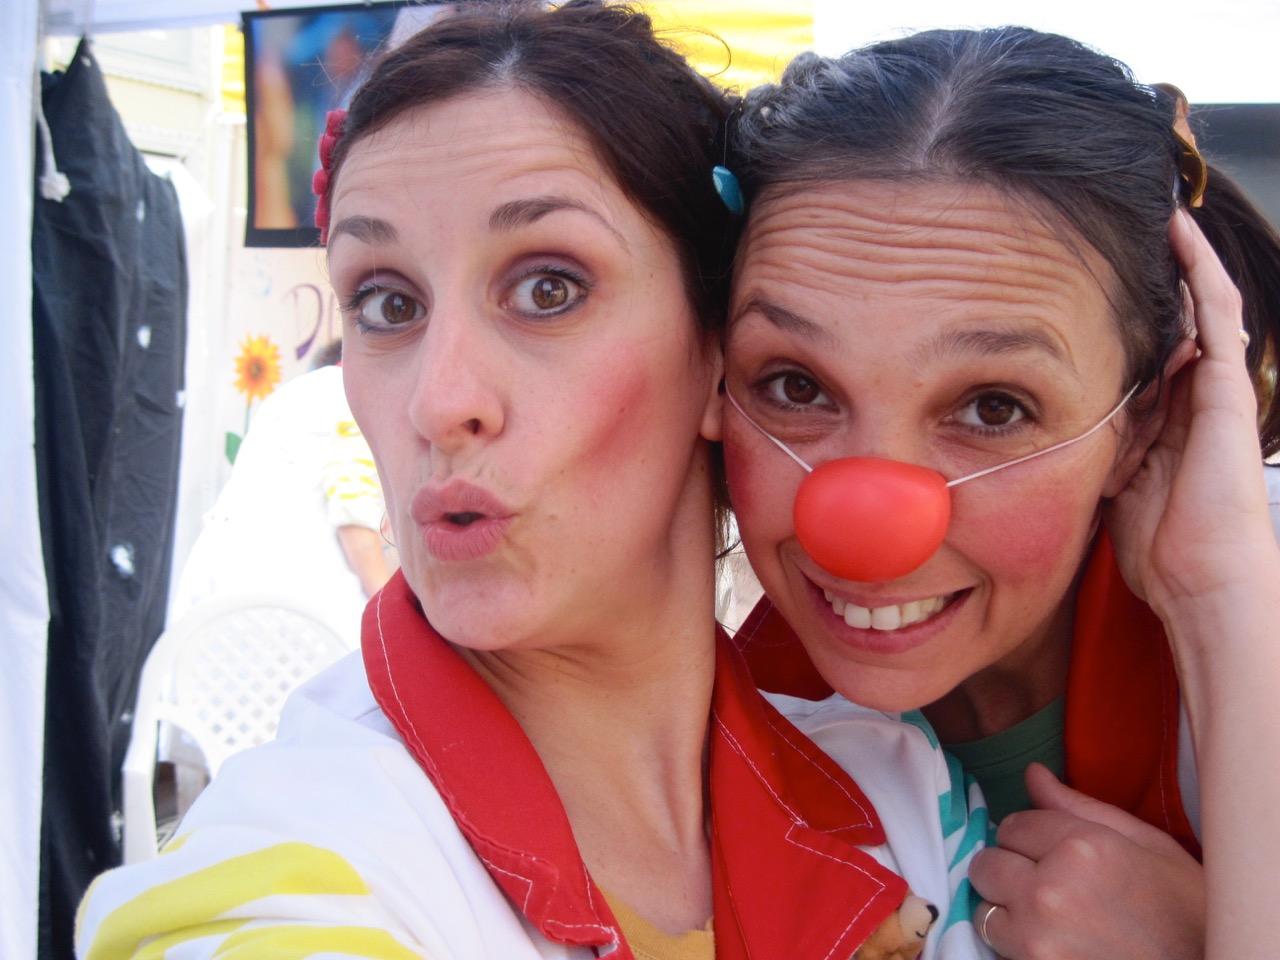 Anita, da sogno a realtà, sbarca al Buk Festival